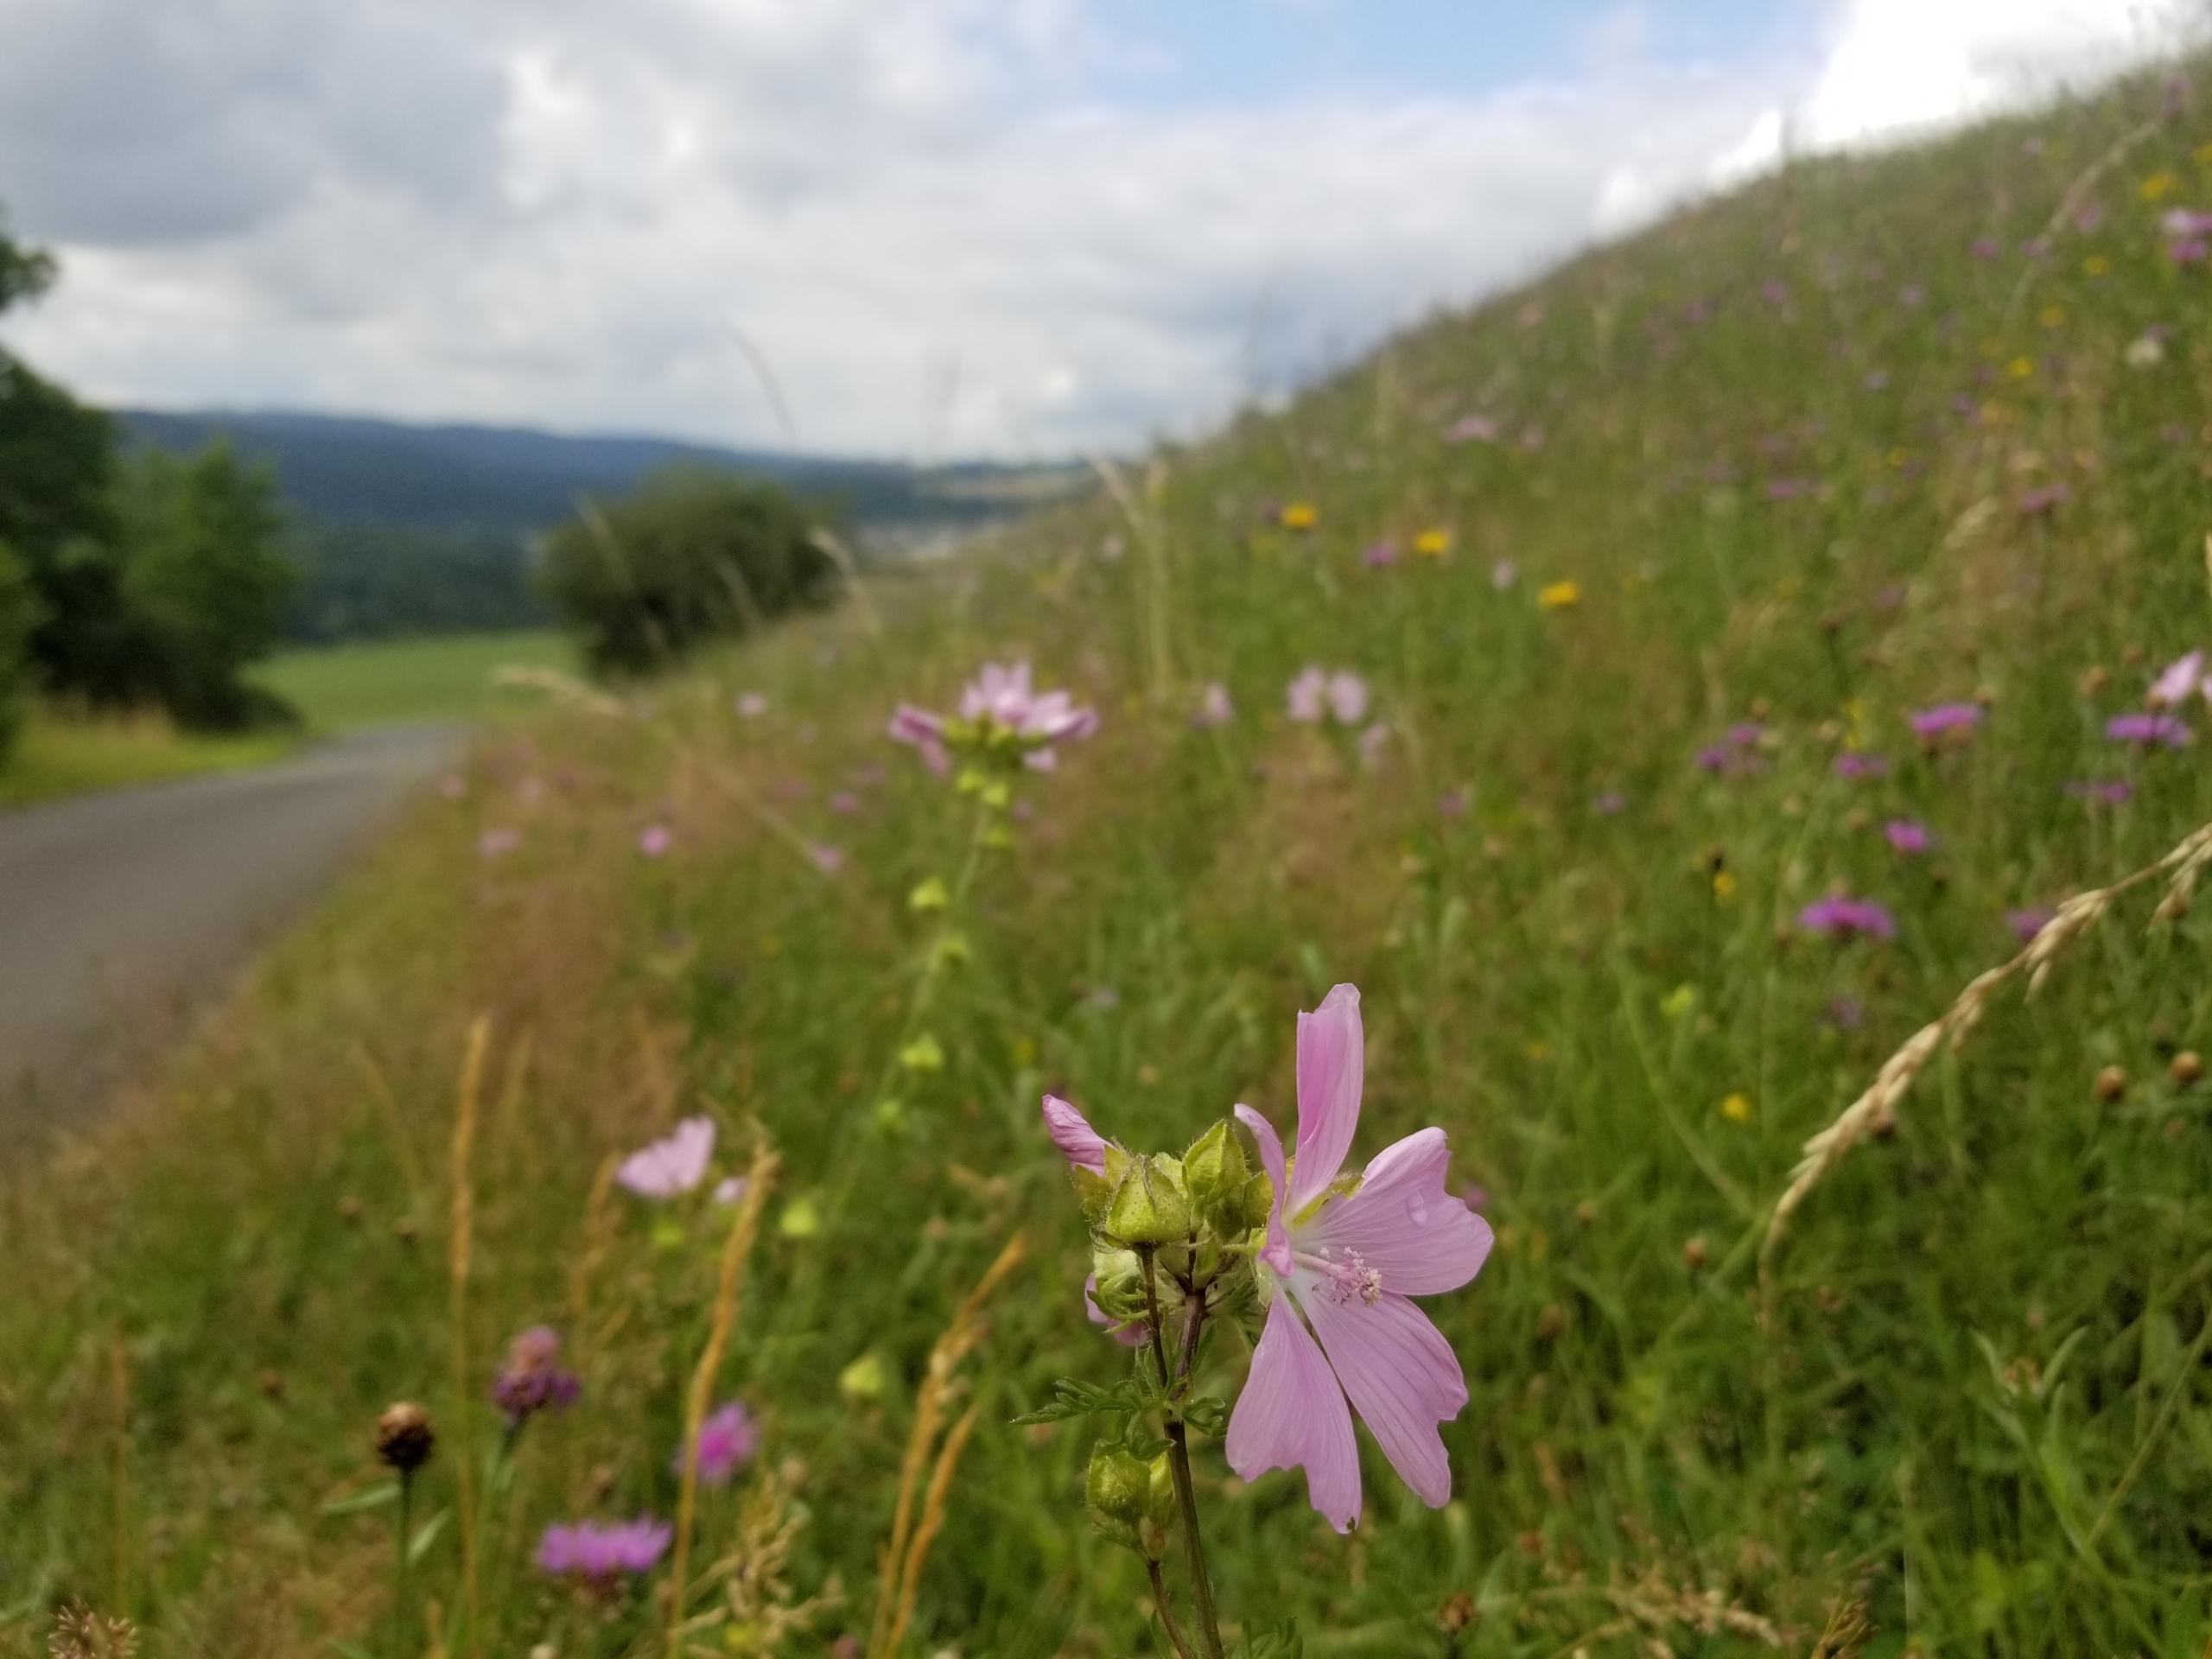 Flowering fields near Gerolstein